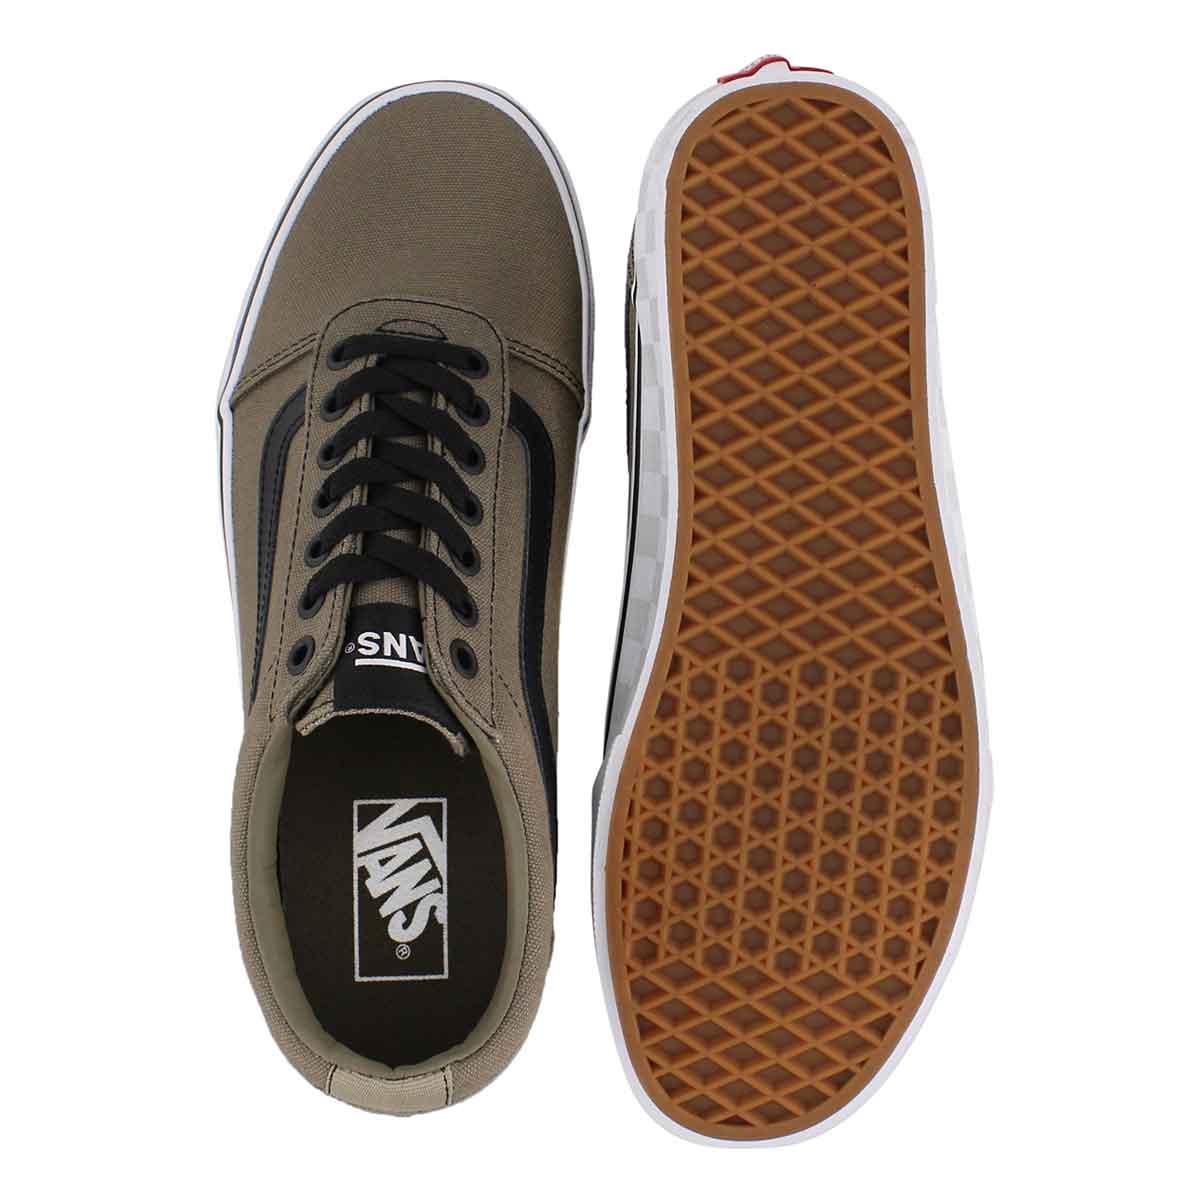 Mns Ward dusky grn/wht lace up sneaker